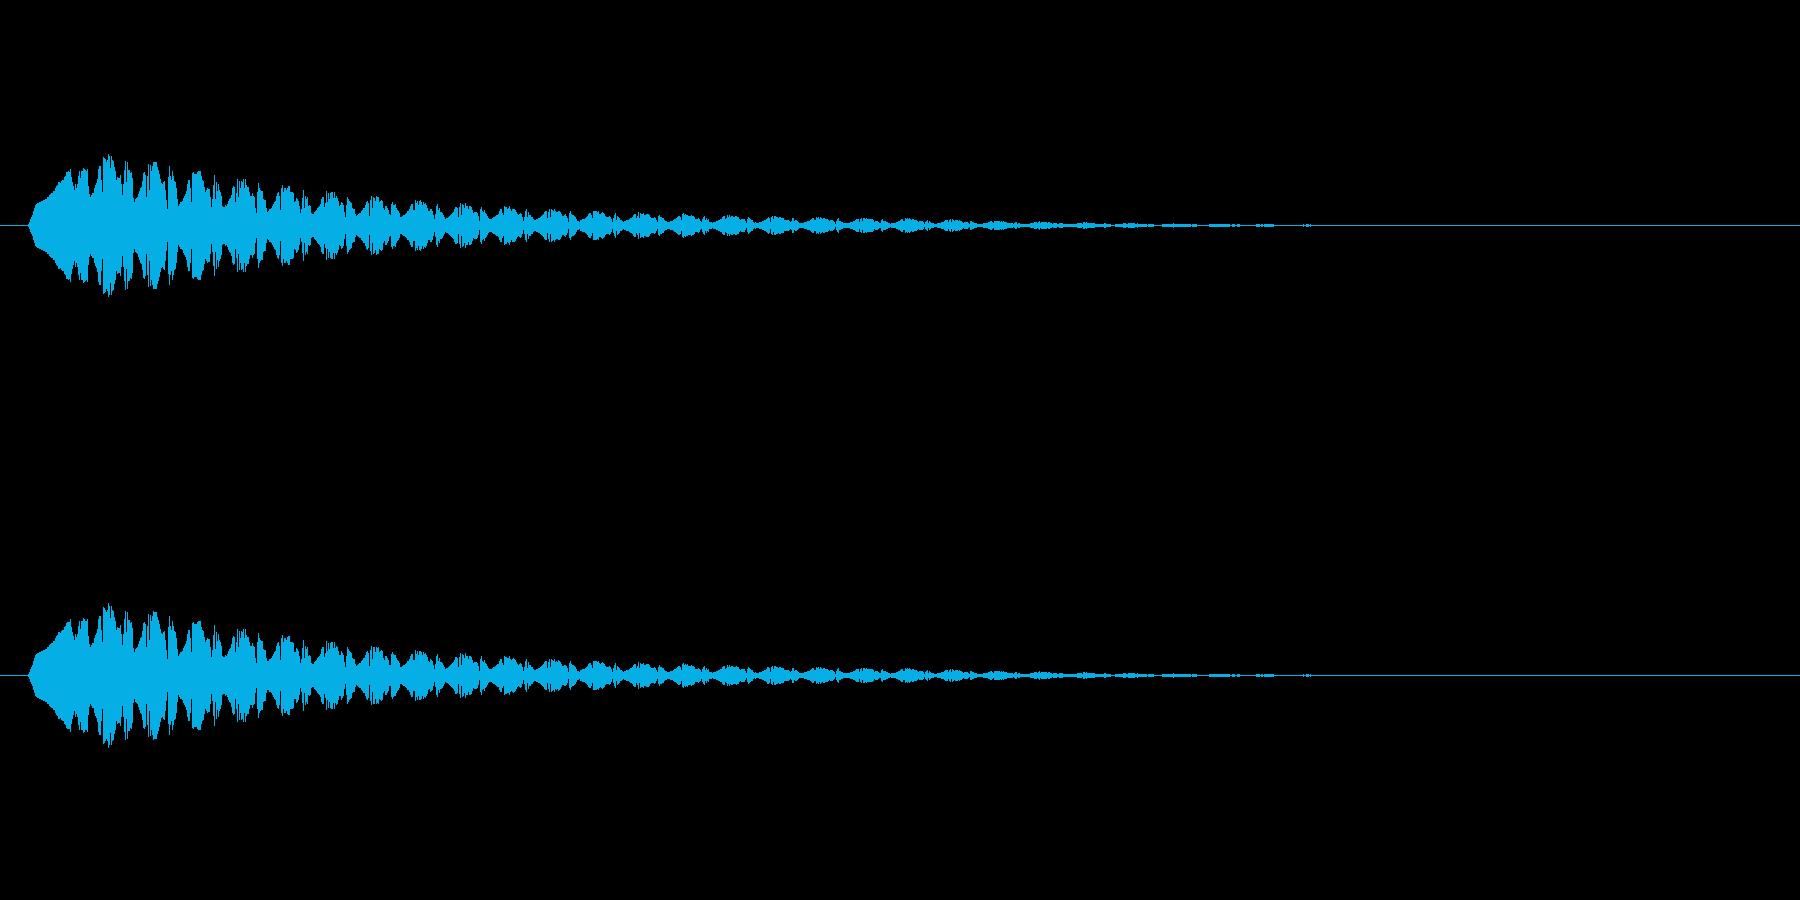 【ポップモーション17-8】の再生済みの波形